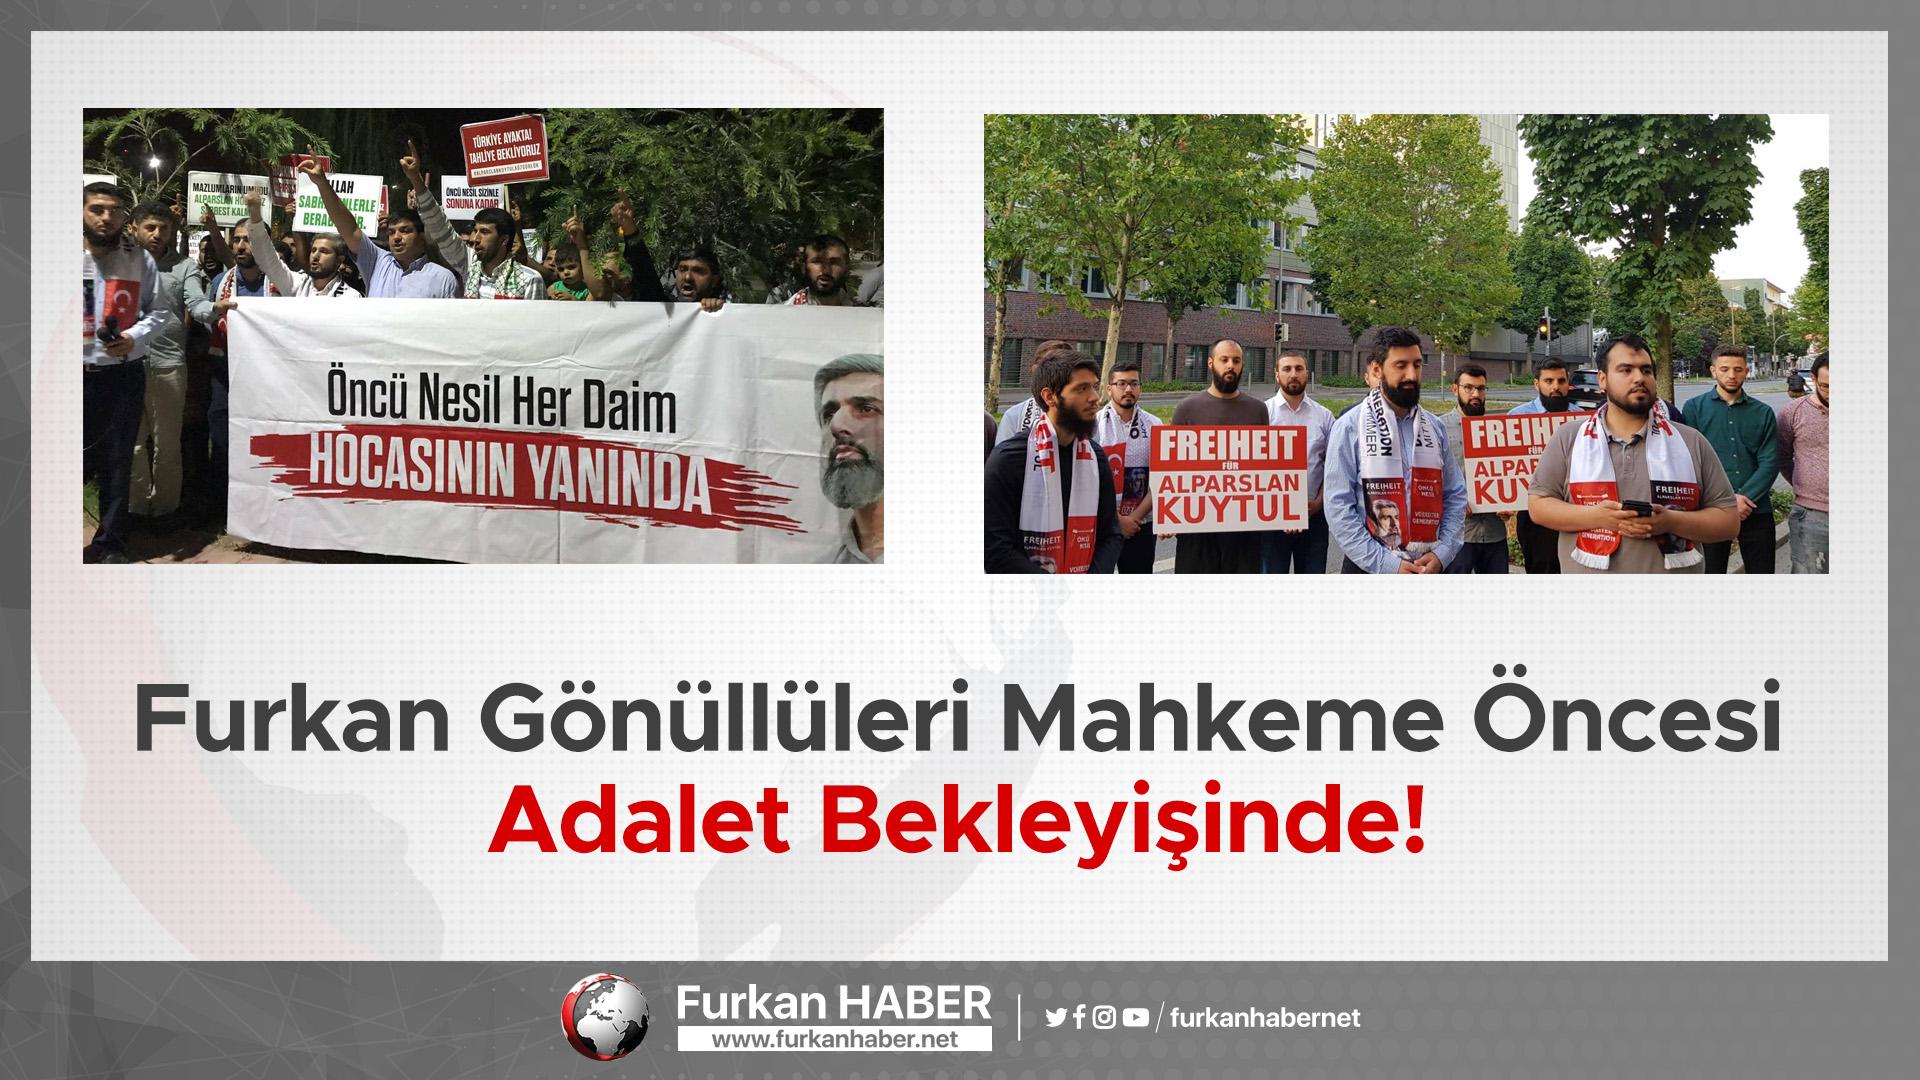 Furkan Gönüllüleri Mahkeme Öncesi Adalet Bekleyişinde!